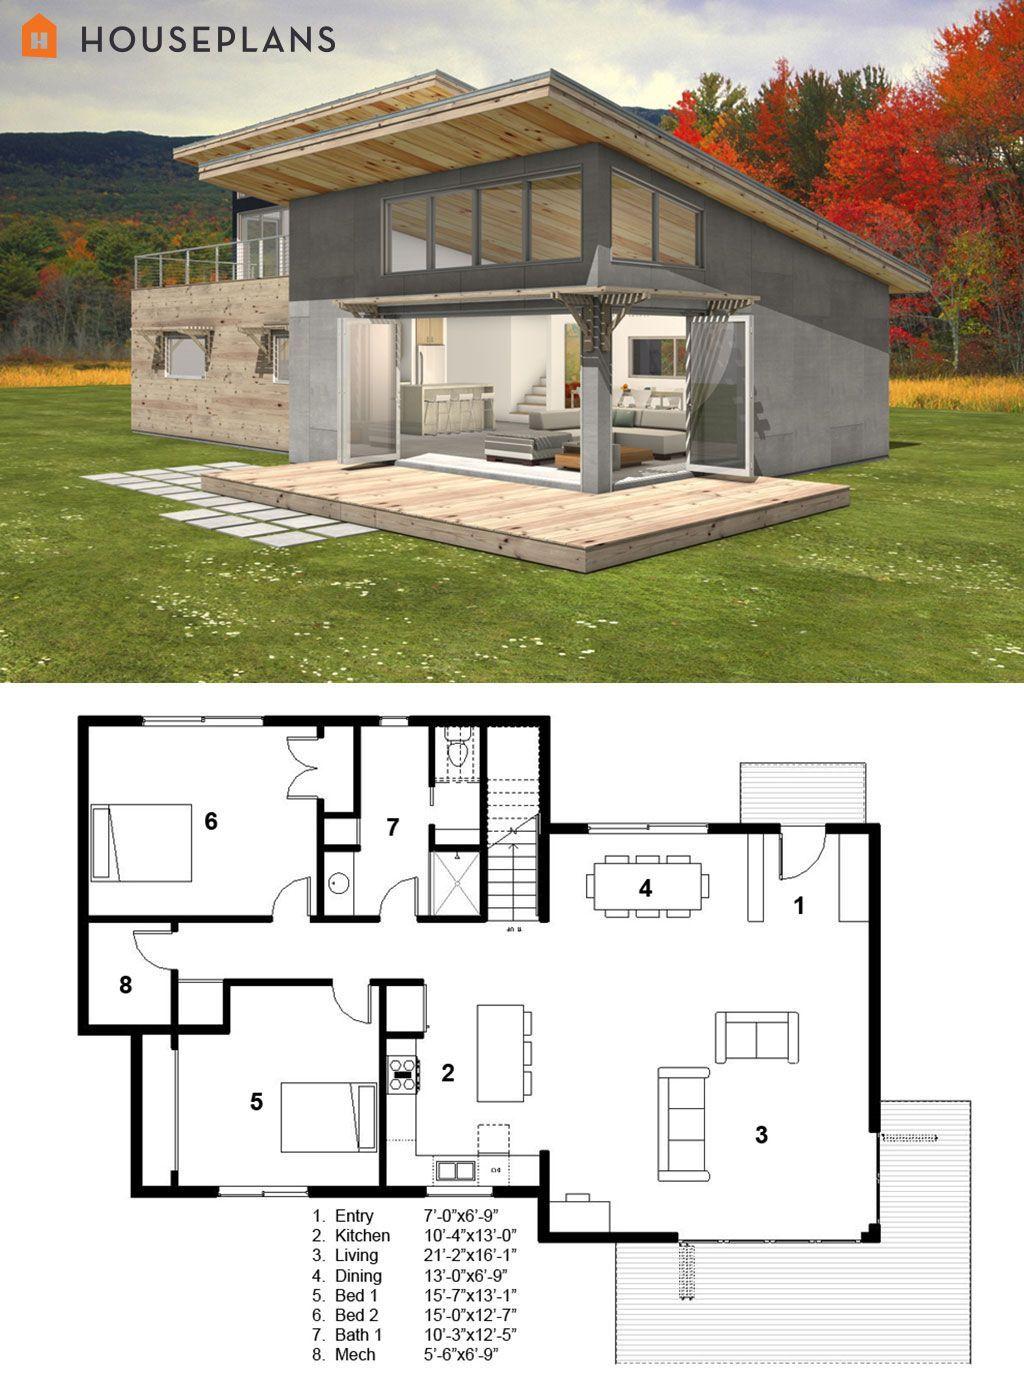 House Plans Energy Efficient 2020 Arsitektur Desain Arsitektur Rumah Indah